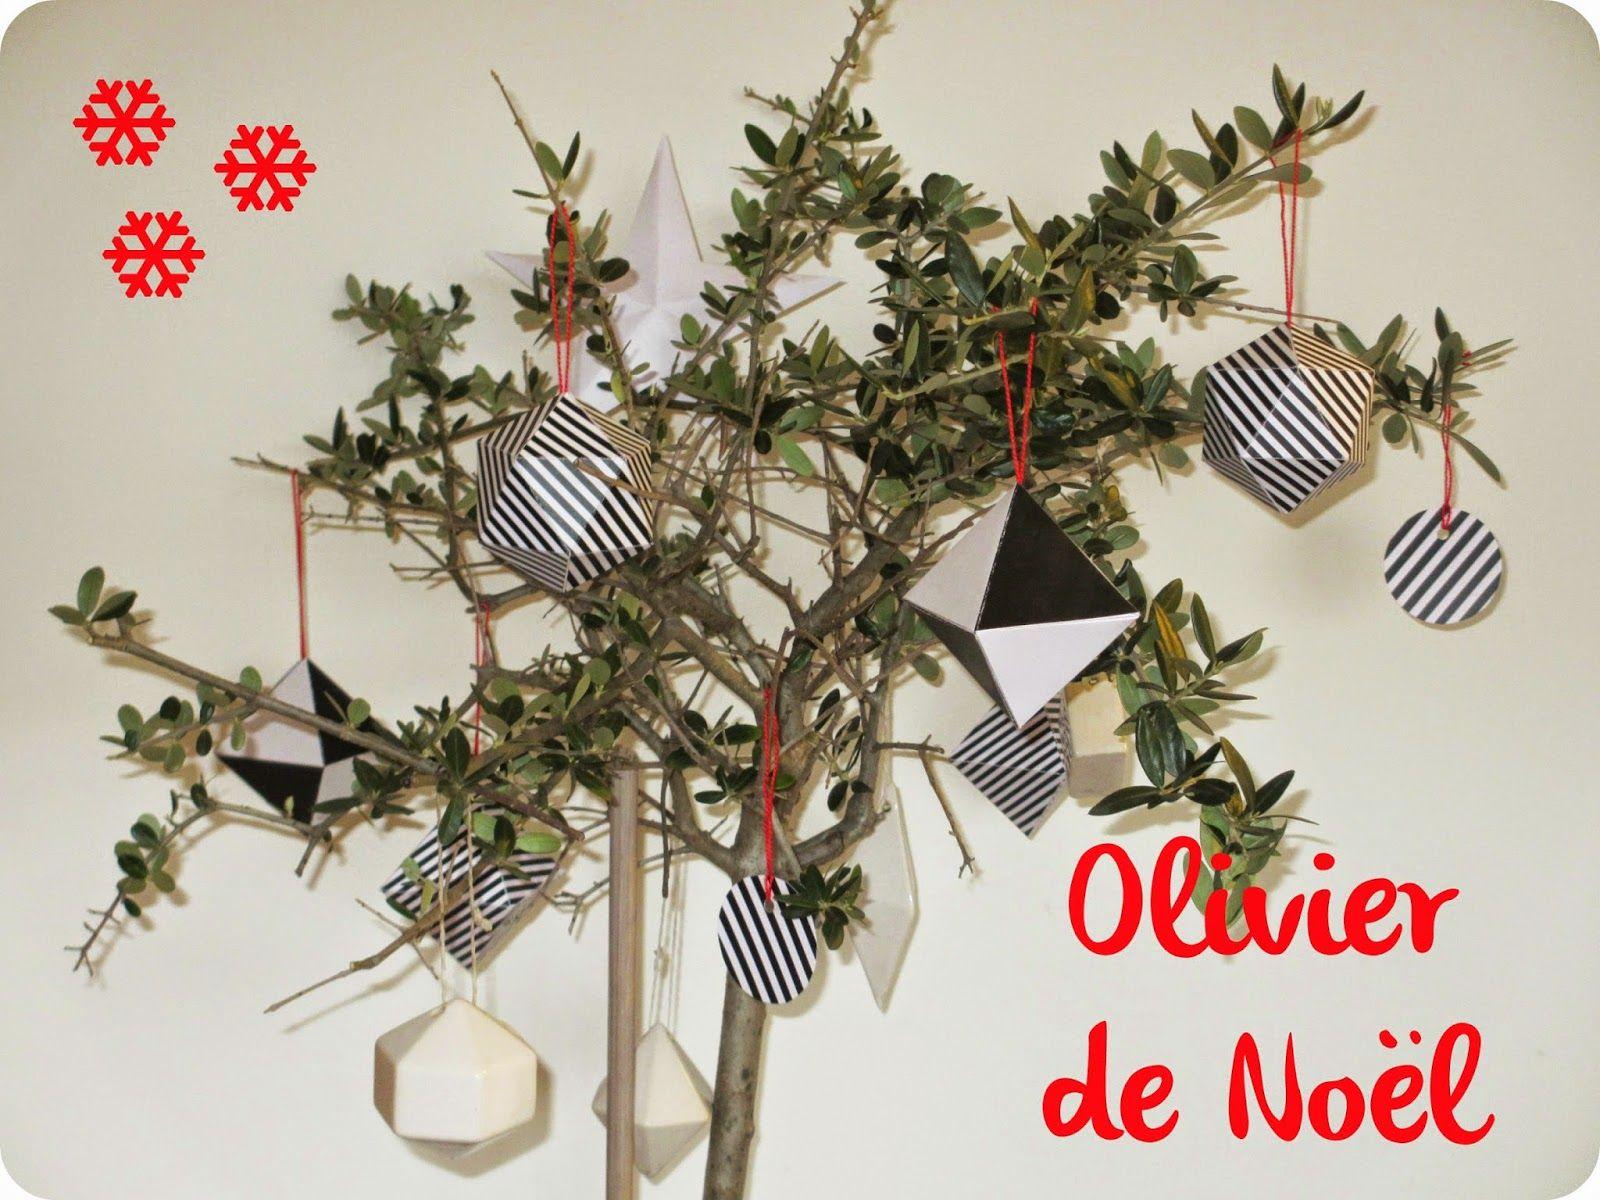 #C2090D DIY Décorations De Noël En Papier DIY Pinterest  5413 décorations de noel en papier 1600x1200 px @ aertt.com